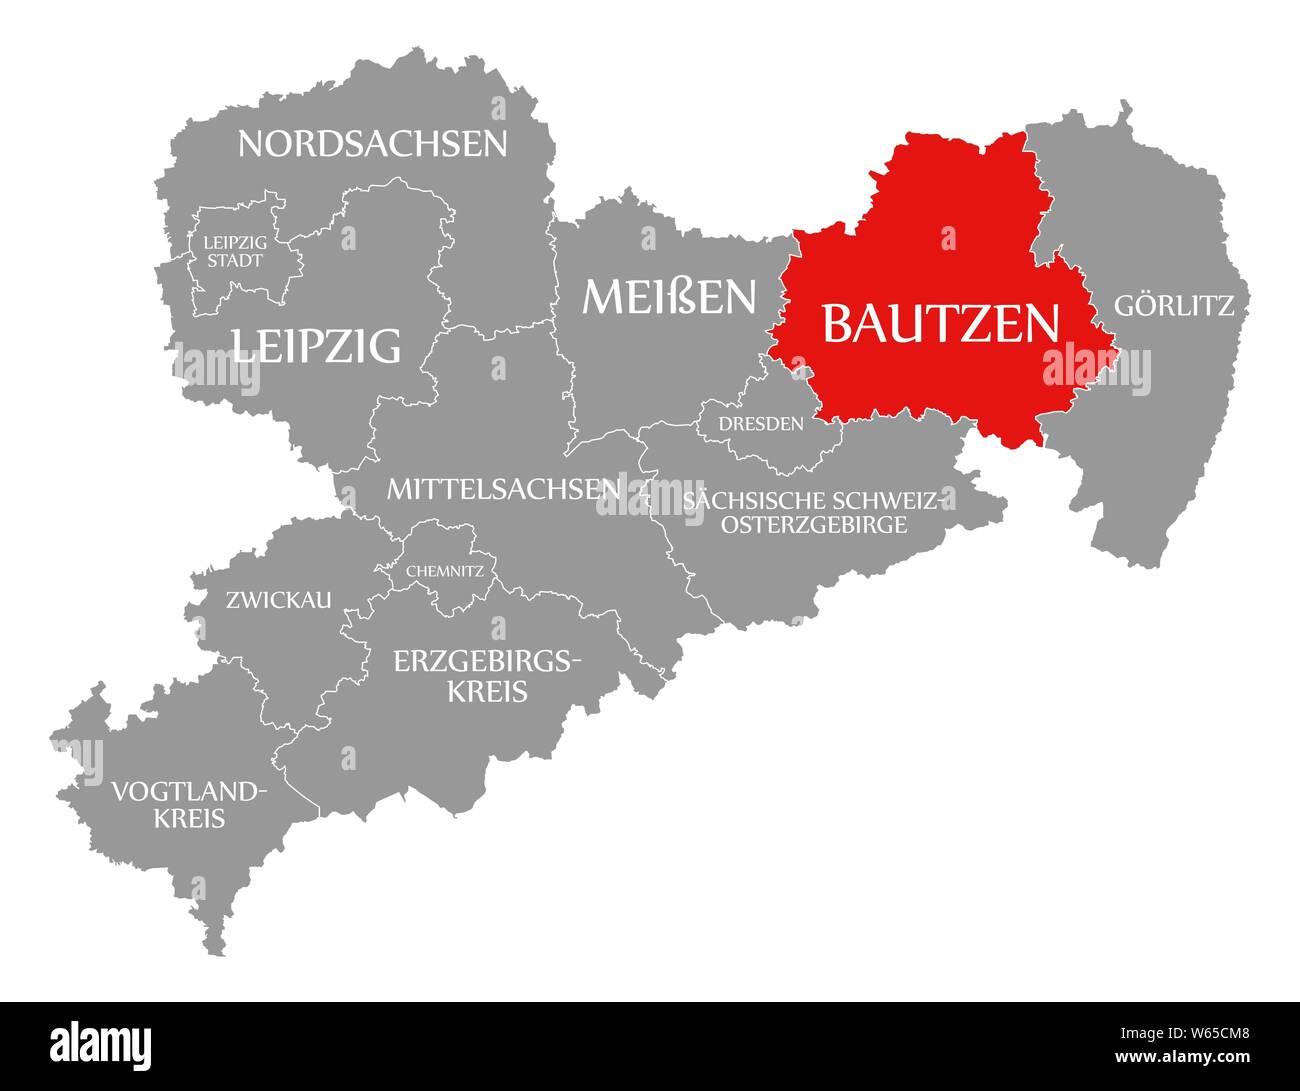 Bautzen In Rot Hervorgehoben Karte Von Sachsen Deutschland De